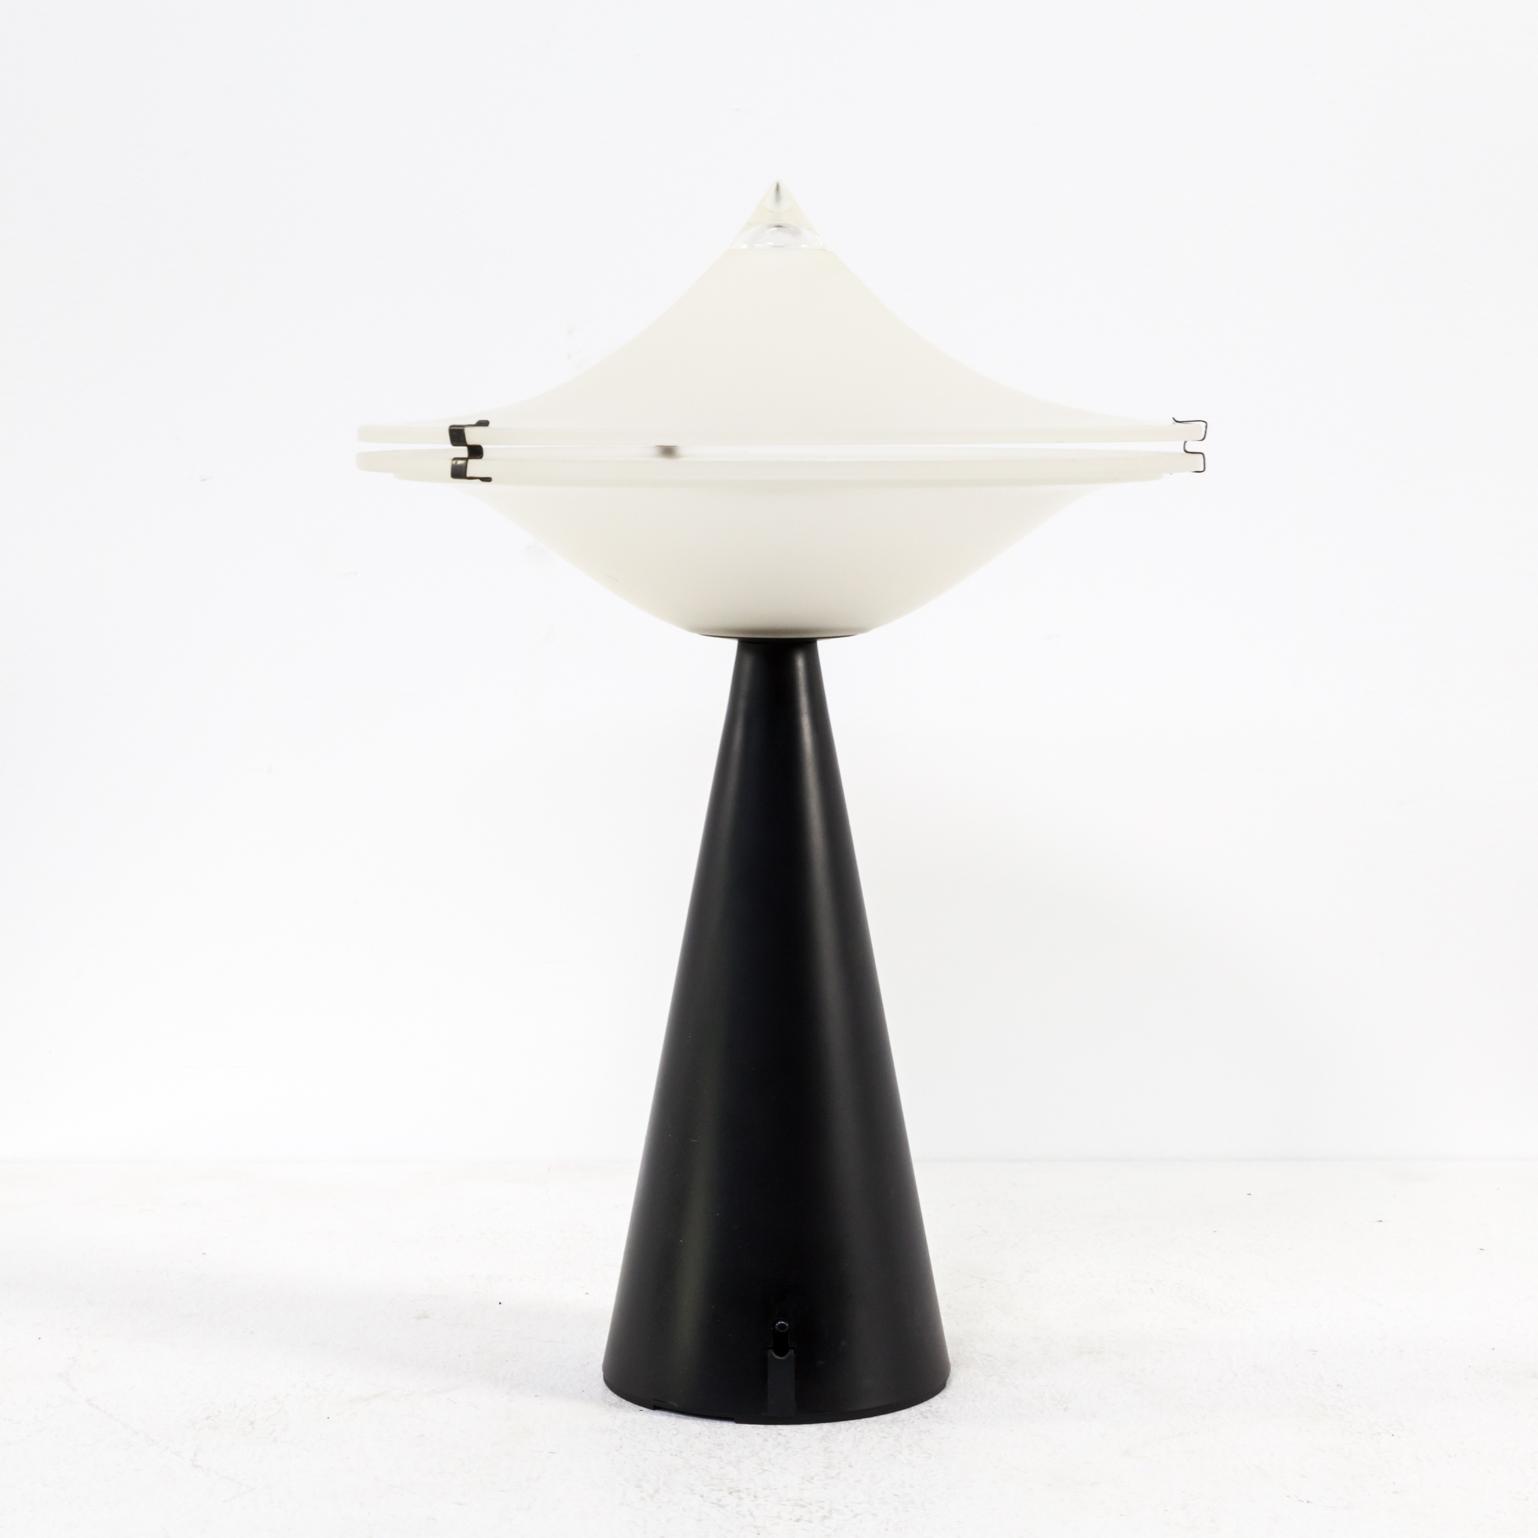 70s Lacca Cesare \'Aliën\' table lamp fro Tre Ci Luce | BarbMama